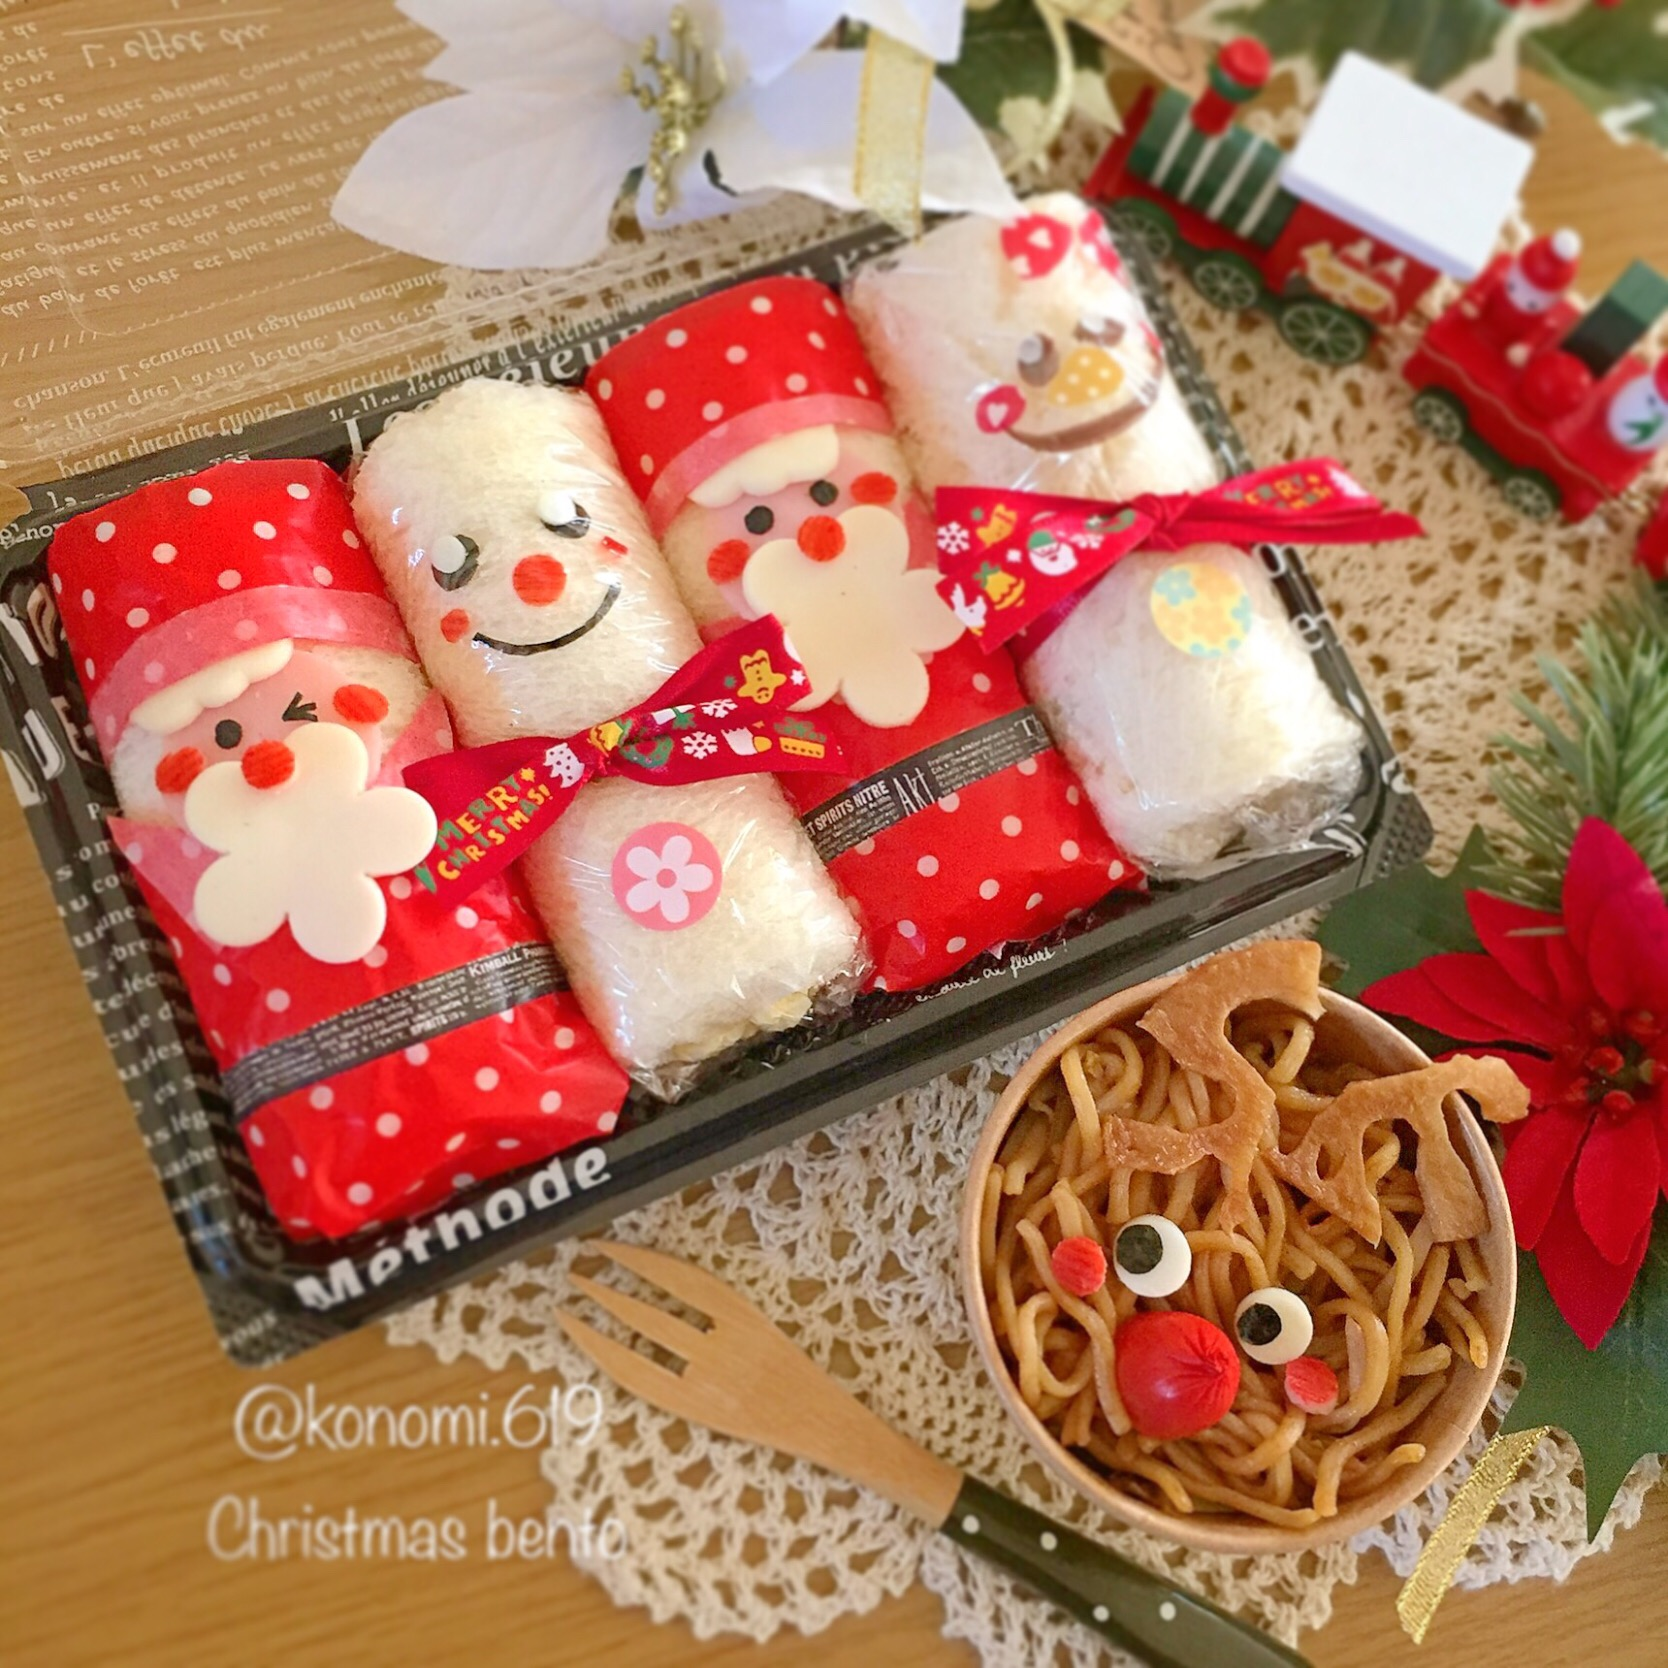 ロールサンドイッチとトナカイ焼きそばのクリスマス弁当♡